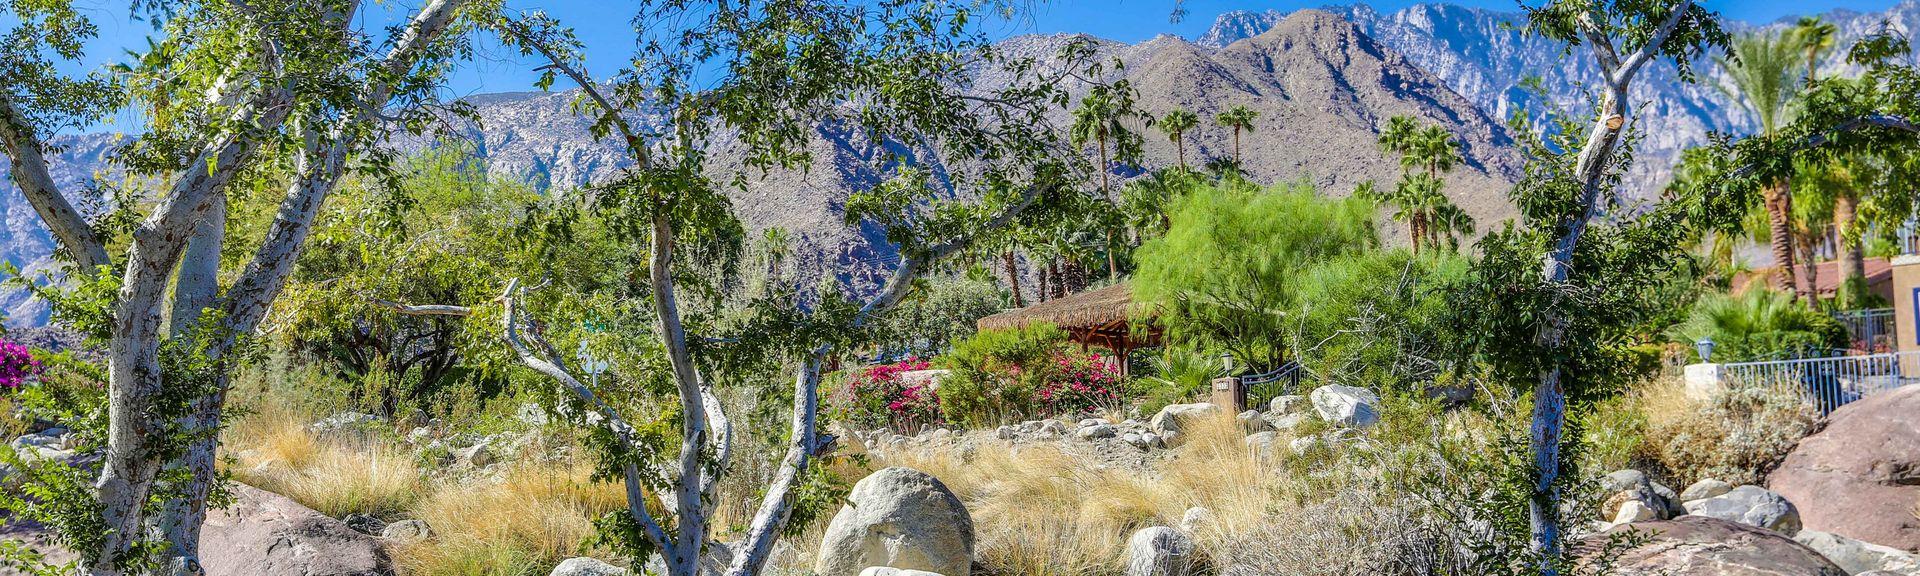 Little Tuscany, Palm Springs, Califórnia, Estados Unidos